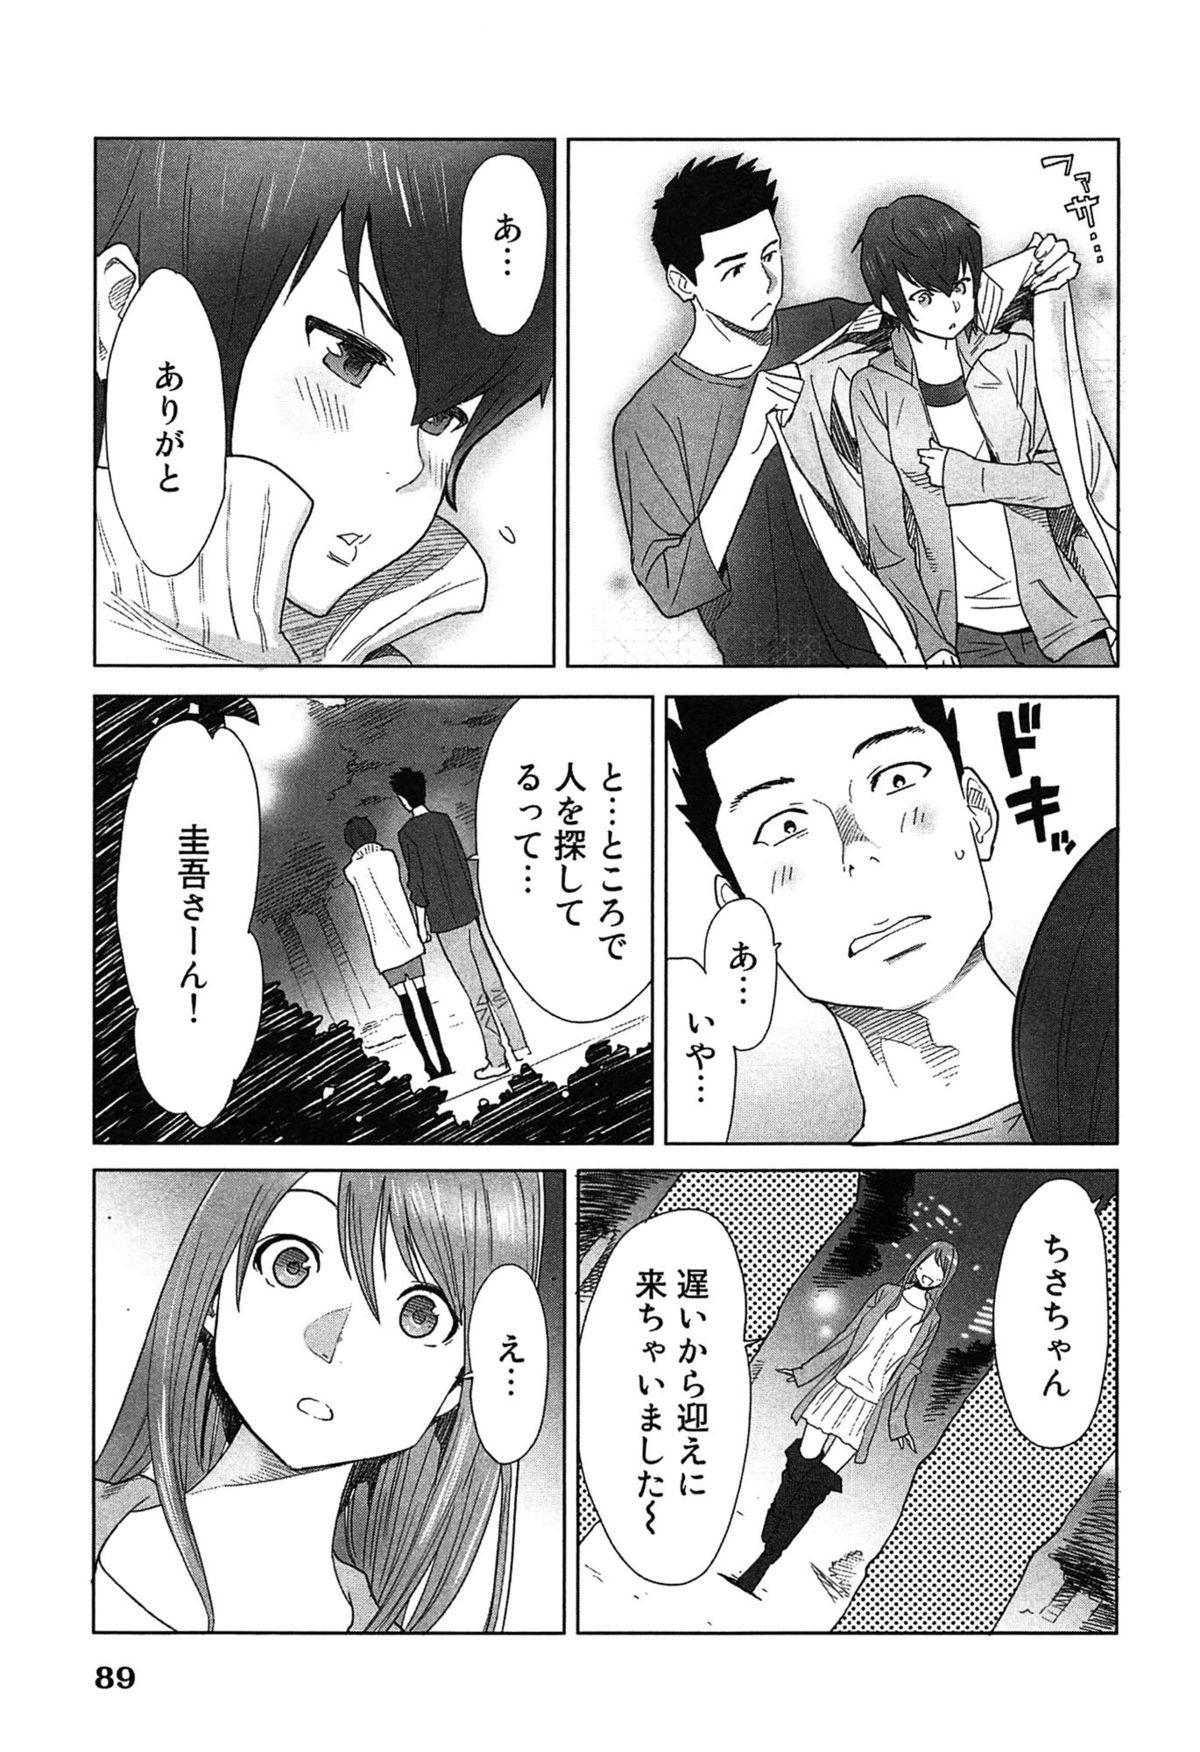 Megami to Ichinen Kura Shite Mita. 2 92